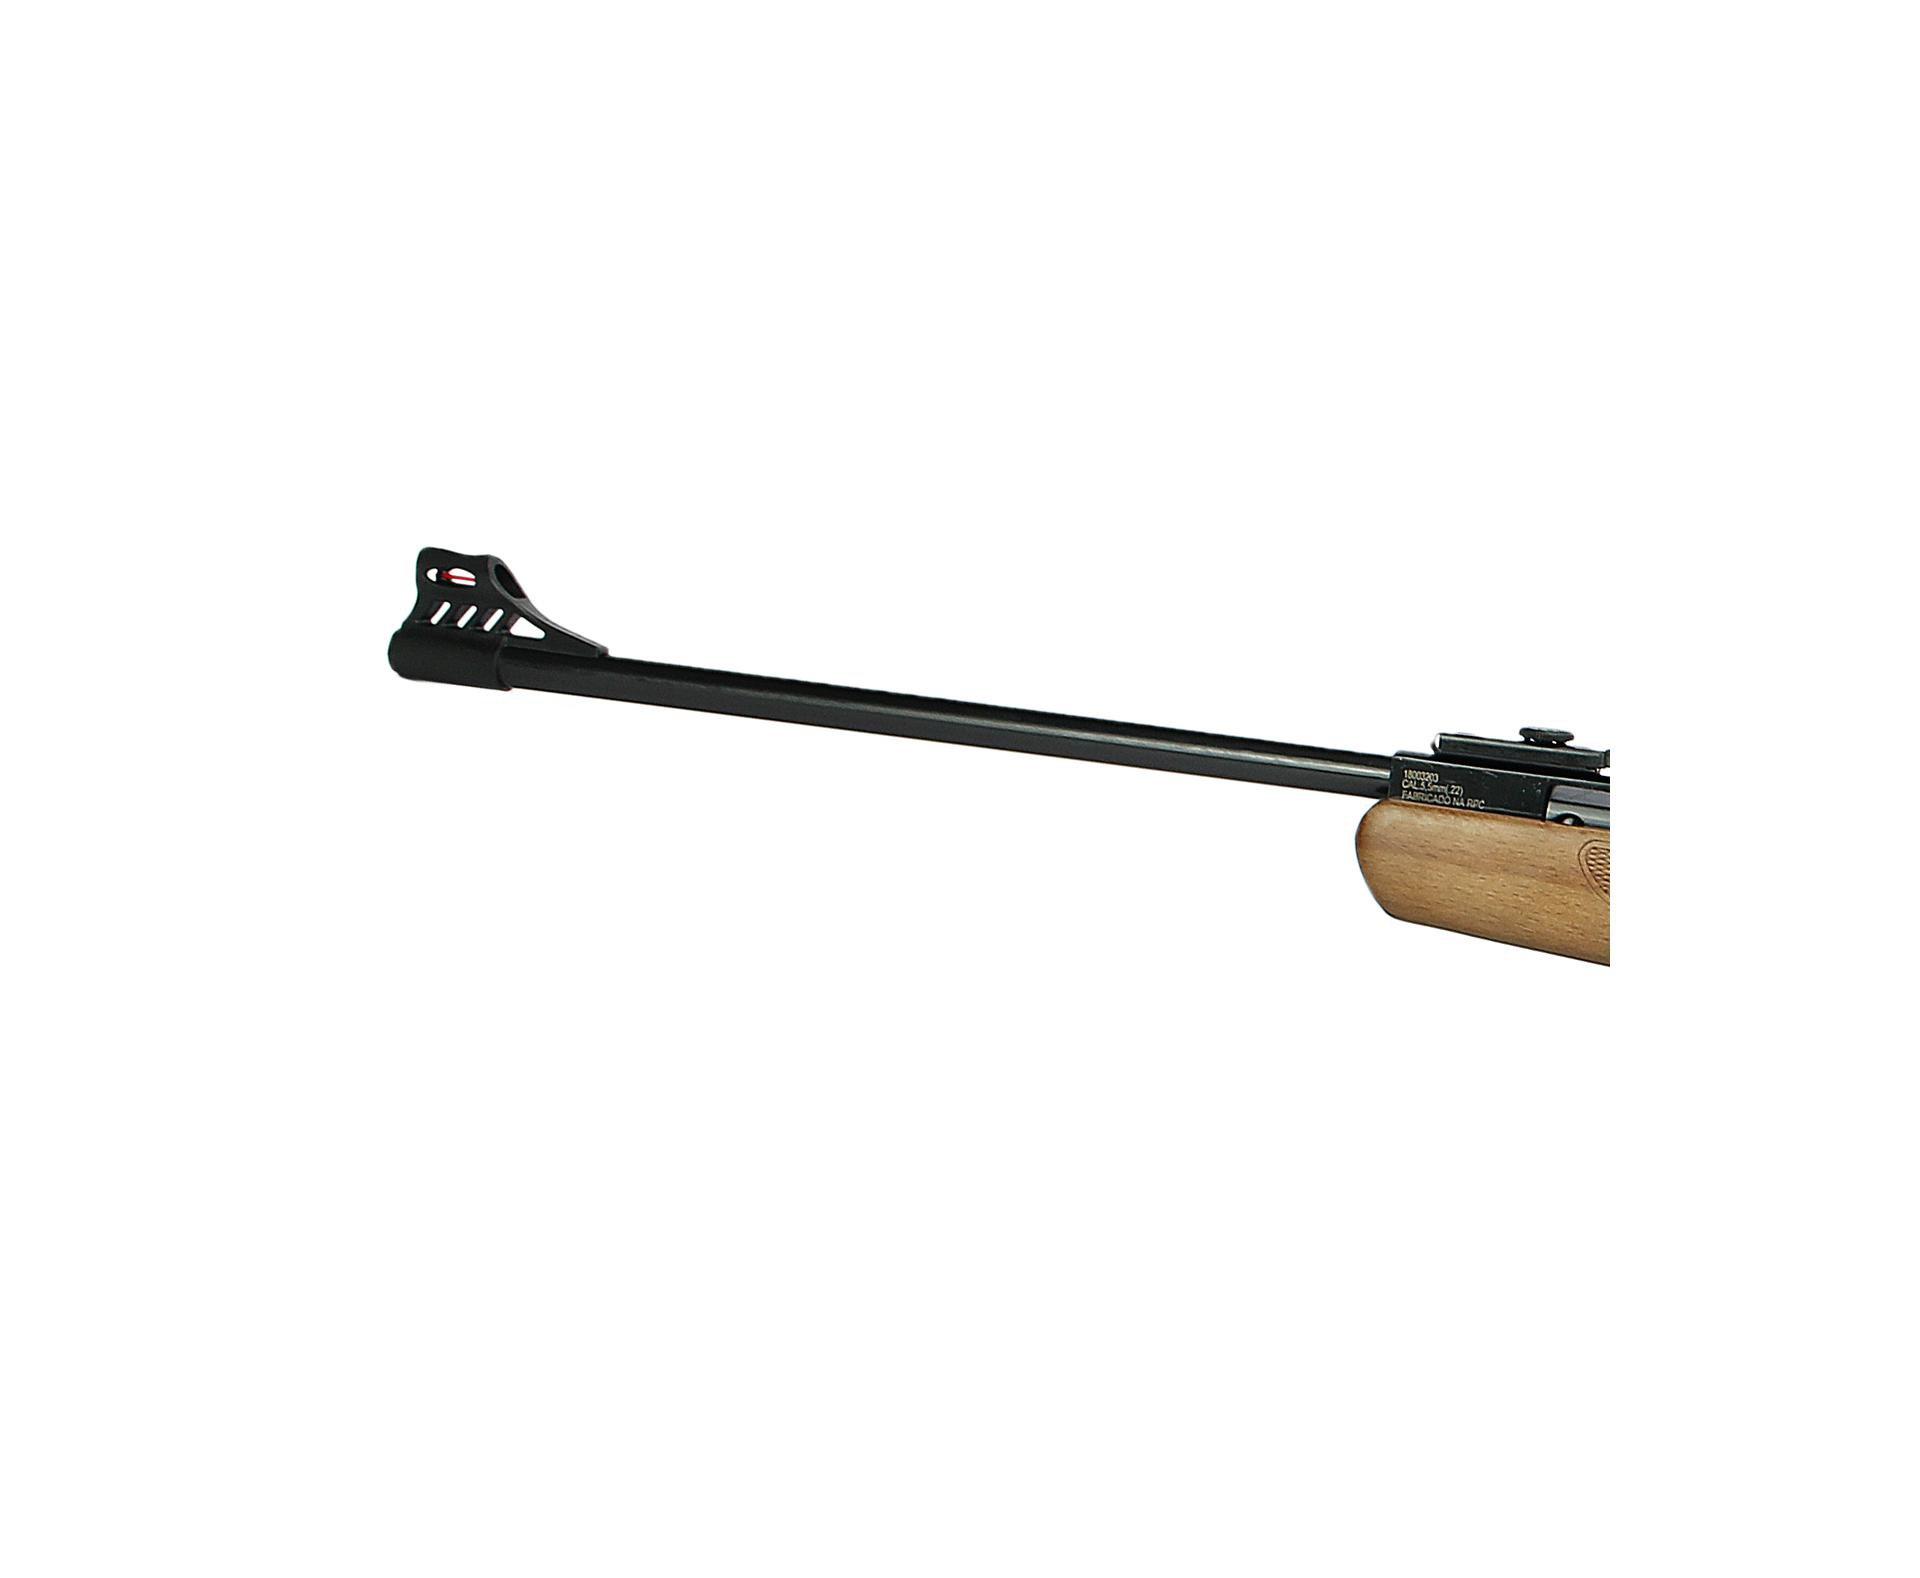 Carabina De Pressão Cbc Classic B19-x Bam Calibre 4,5 Mm